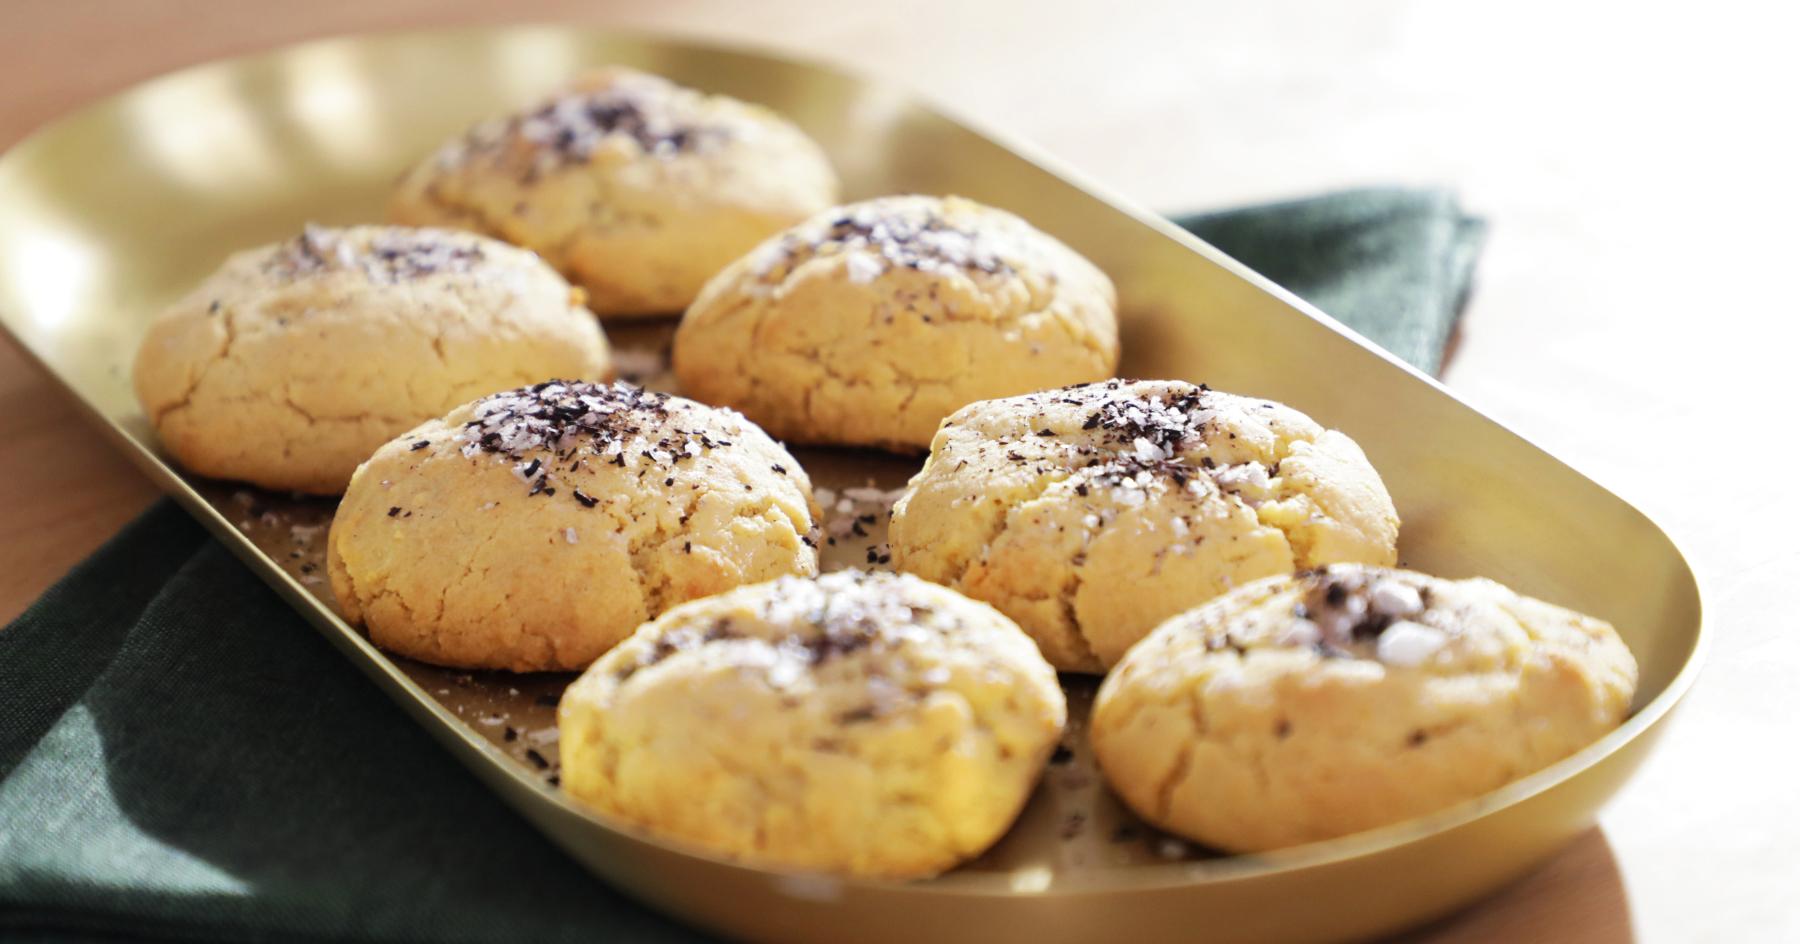 Lemon cheese cookies